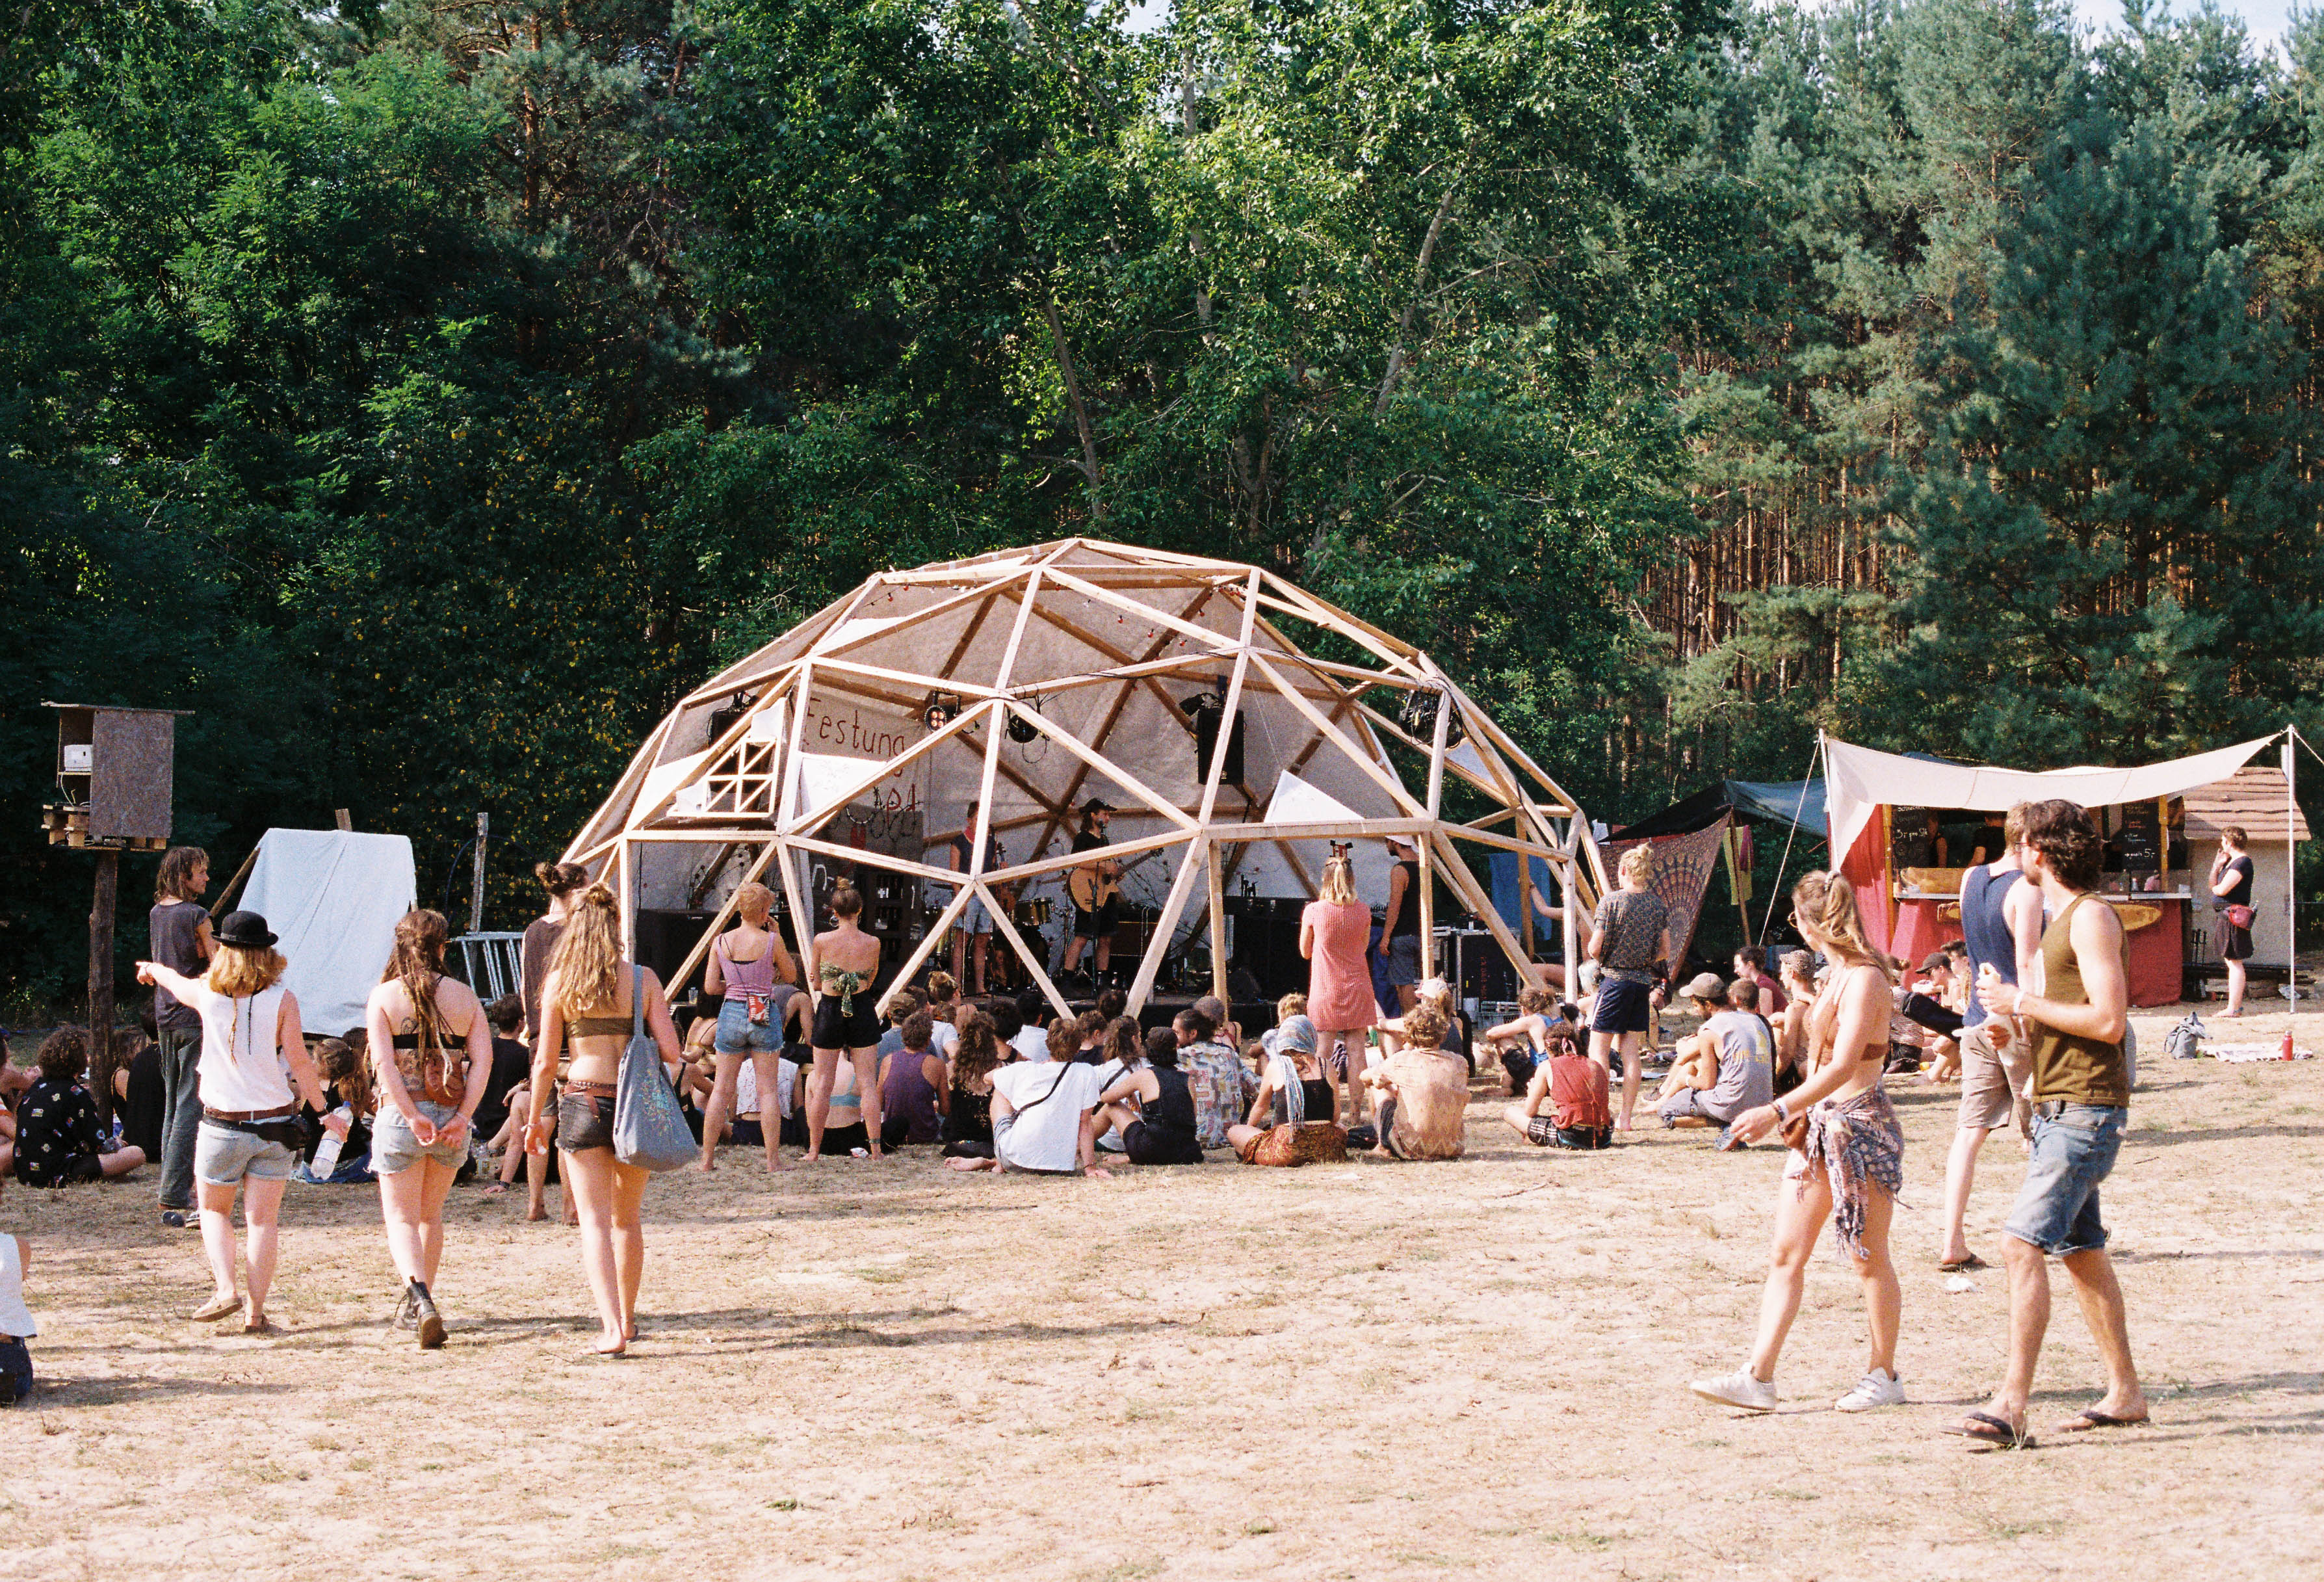 entropiefestival19-jacob-woyton-85